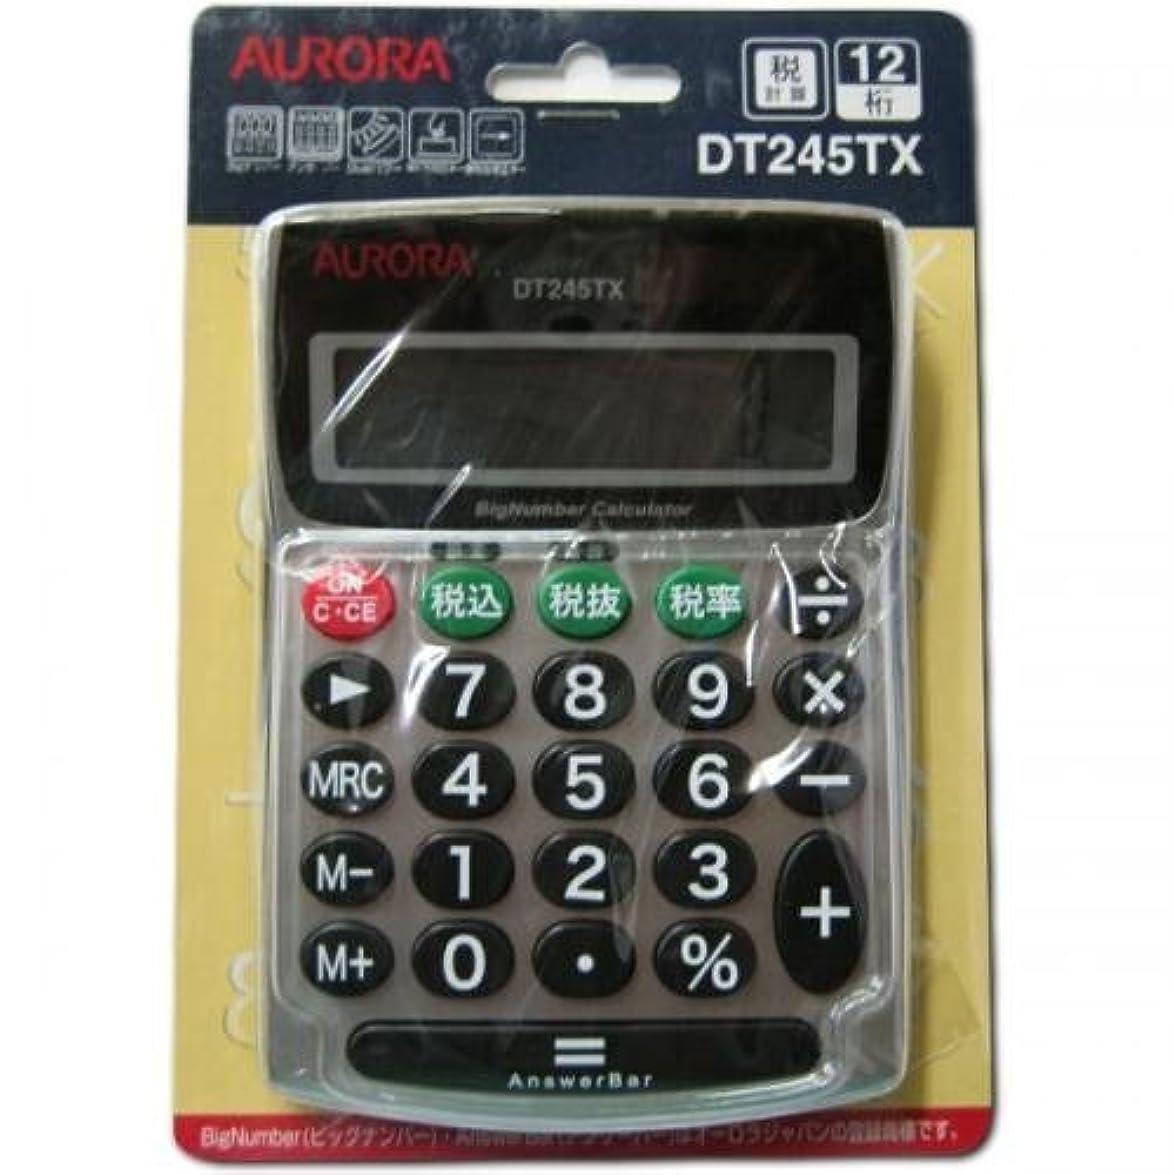 半径アーカイブしがみつくオーロラジャパン 小型卓上電卓 税計算機能付き アンサーバー DT245TX